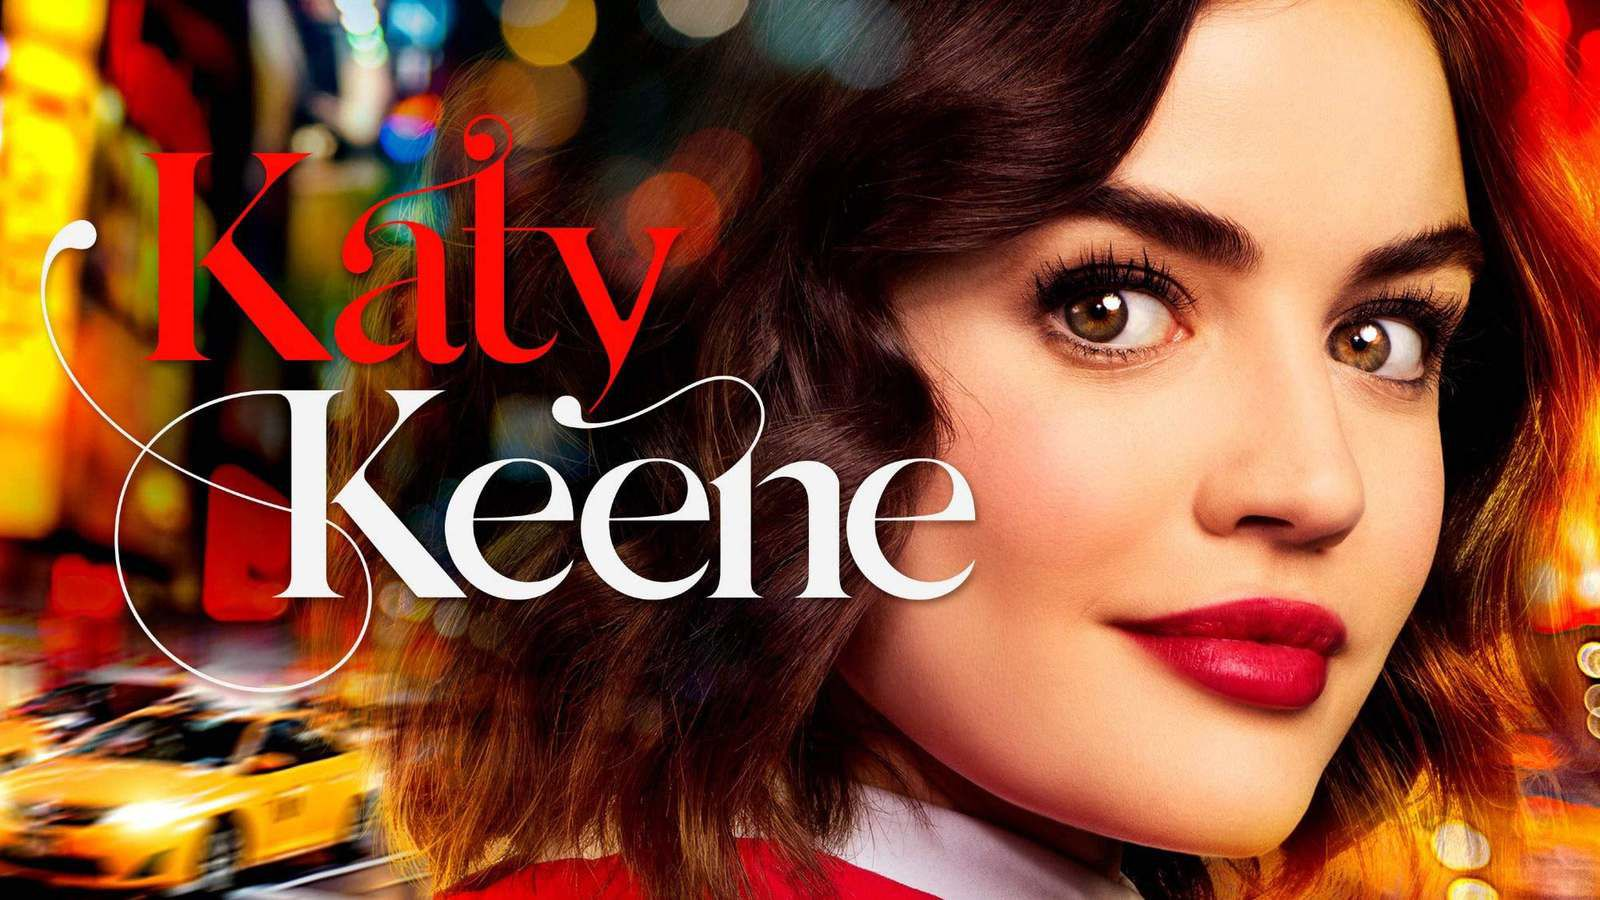 Katy Keene Chapter 12